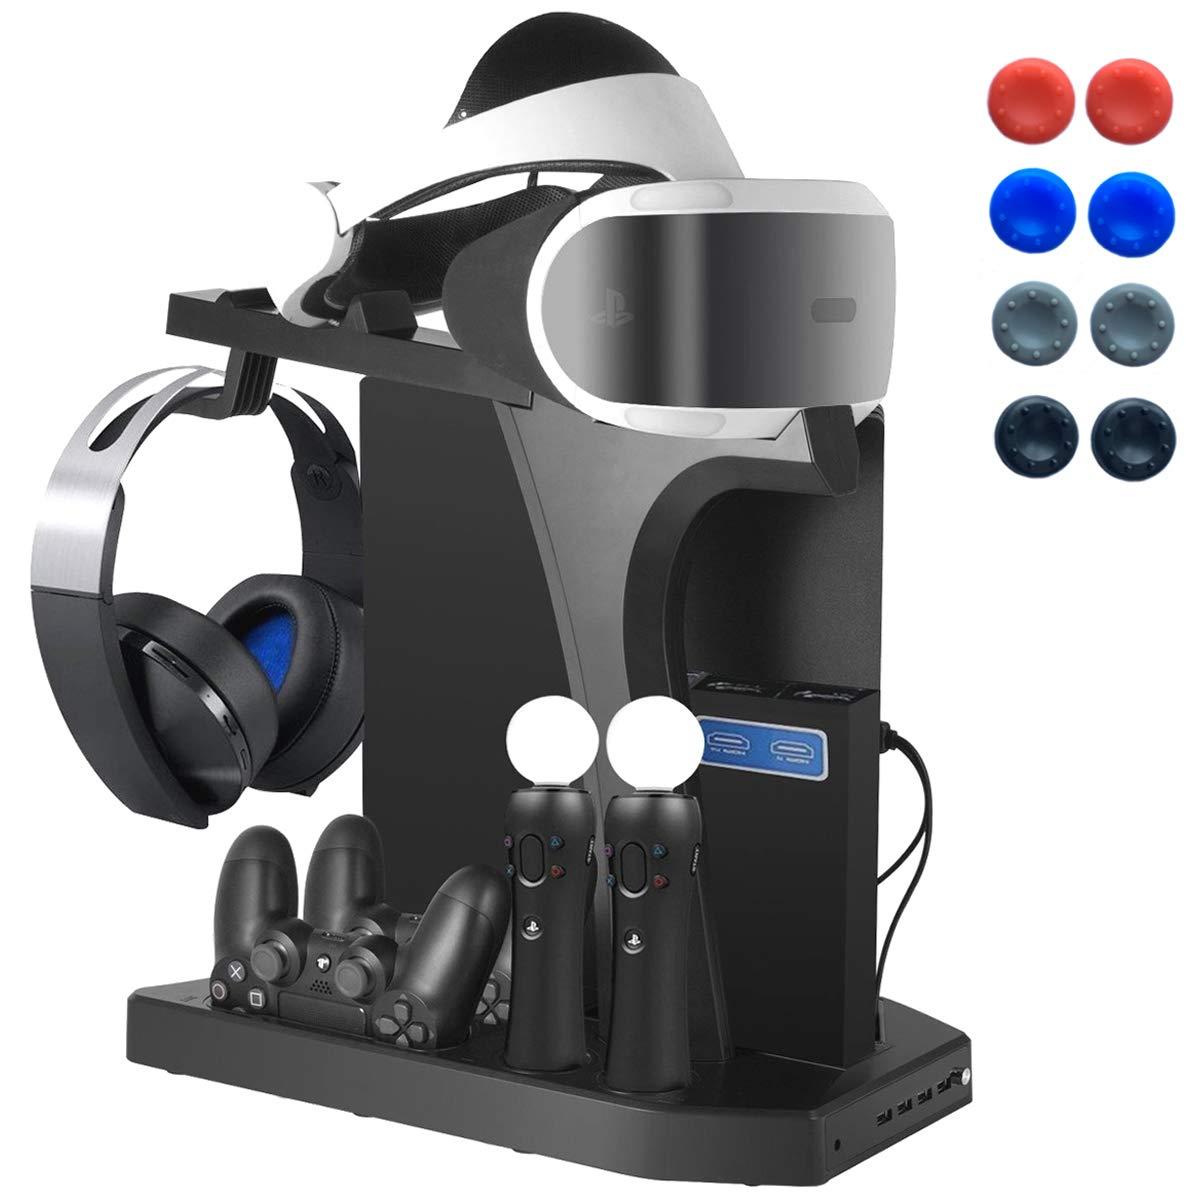 Playstation VR Support Vertical, PSVR Casque Gaming Stand, Ventilateur de Refroidissement, Station de Charge Controller Chargeur et USB 2.0 Hub pour Manette Dual Shock, Move Motion, PS4, Slim, Pro